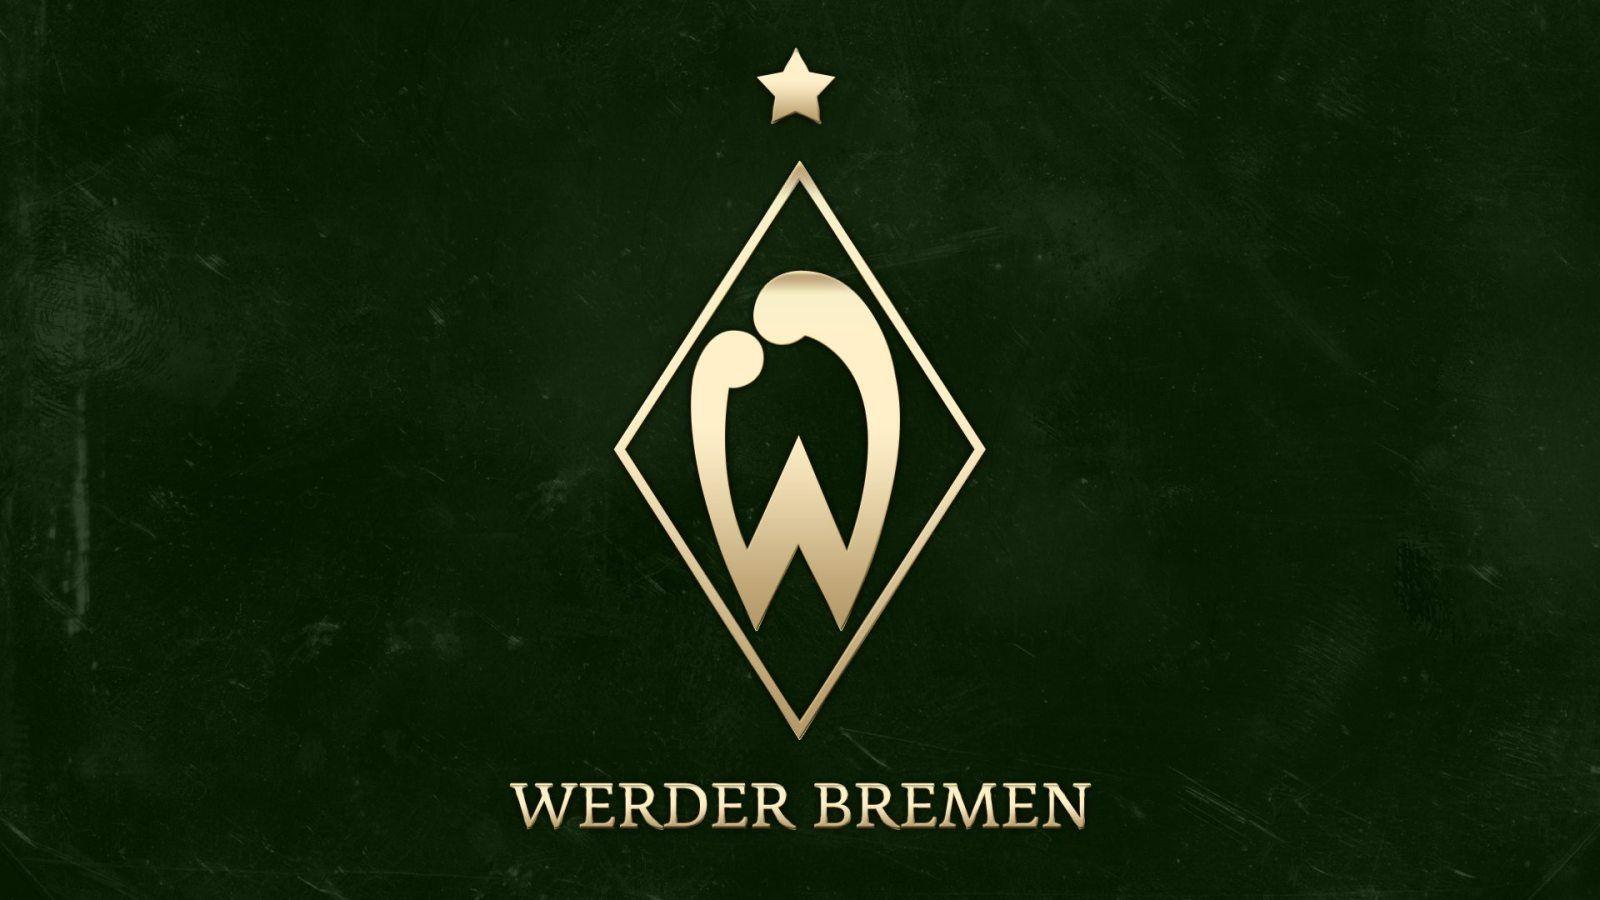 Geliebte Tsitsi23 - Werder Bremen | BL - SV Werder Bremen | Pinterest | Bremen &WO_65